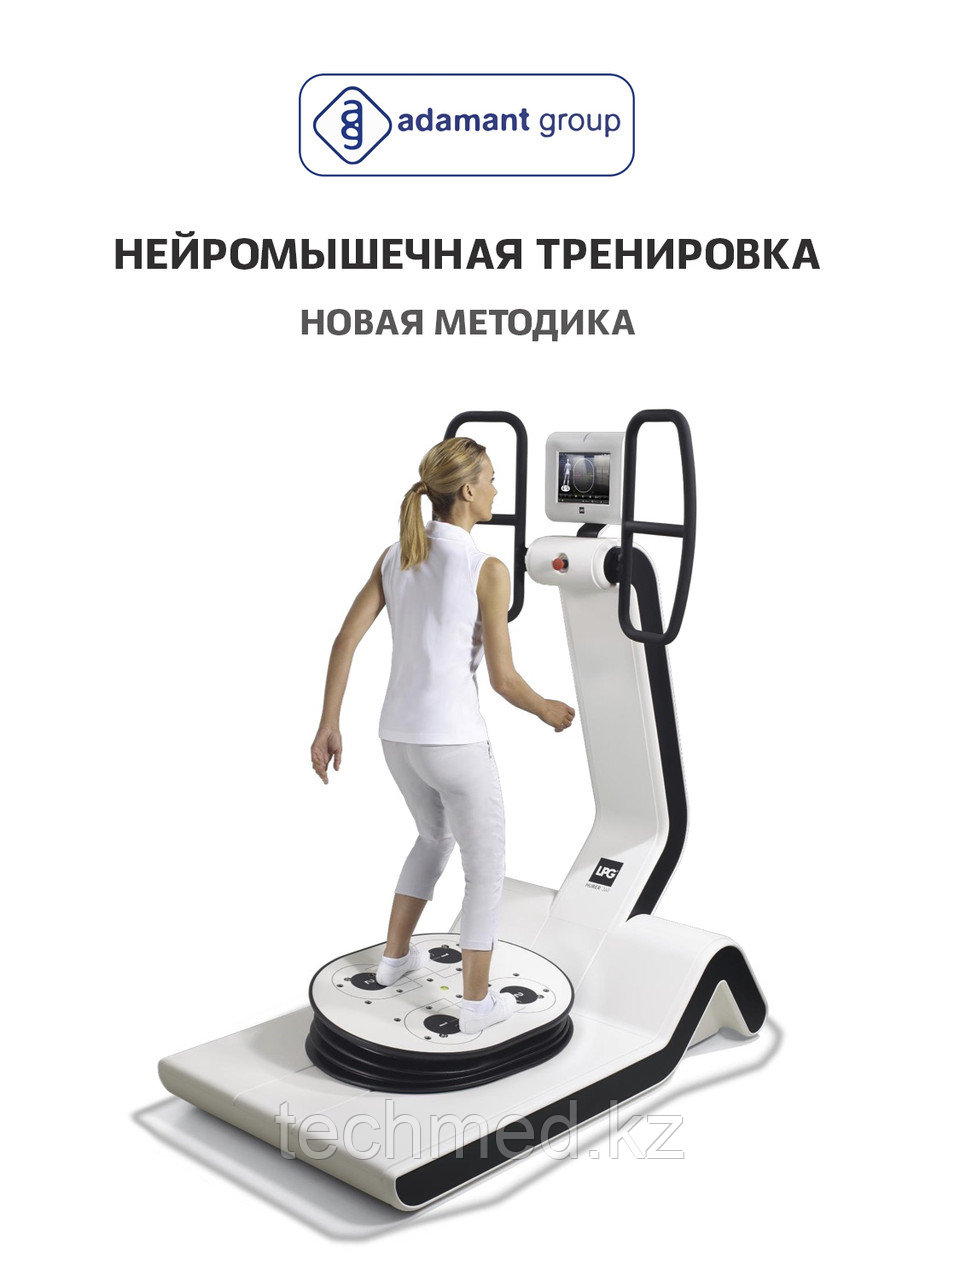 Тренажер Huber 360 MD Система нейромышечной реабилитации